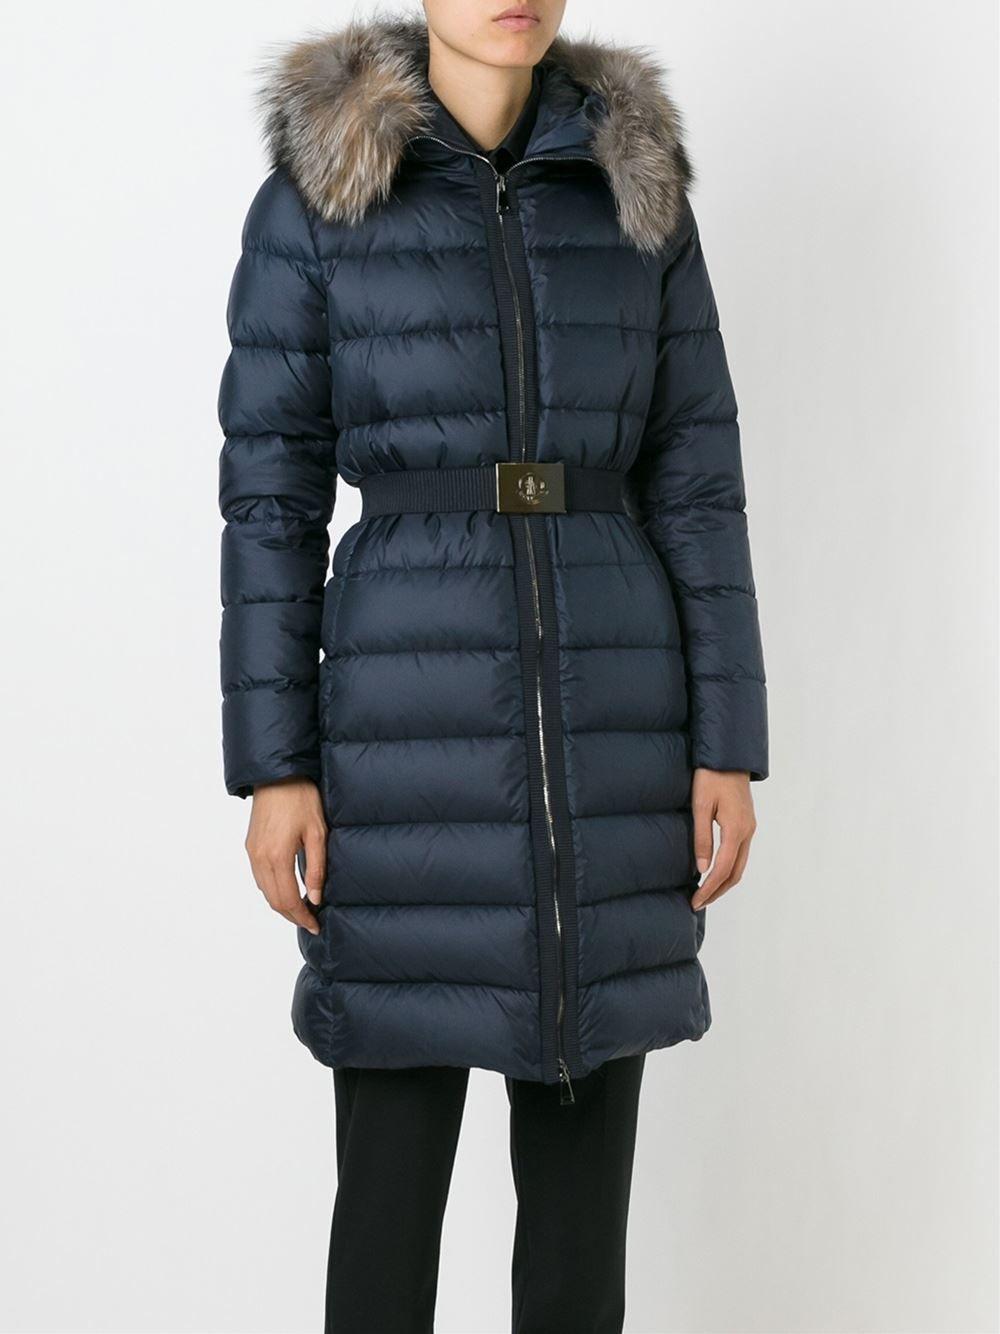 #moncler #coat #jacket #parka #padded #blue #women #fashion